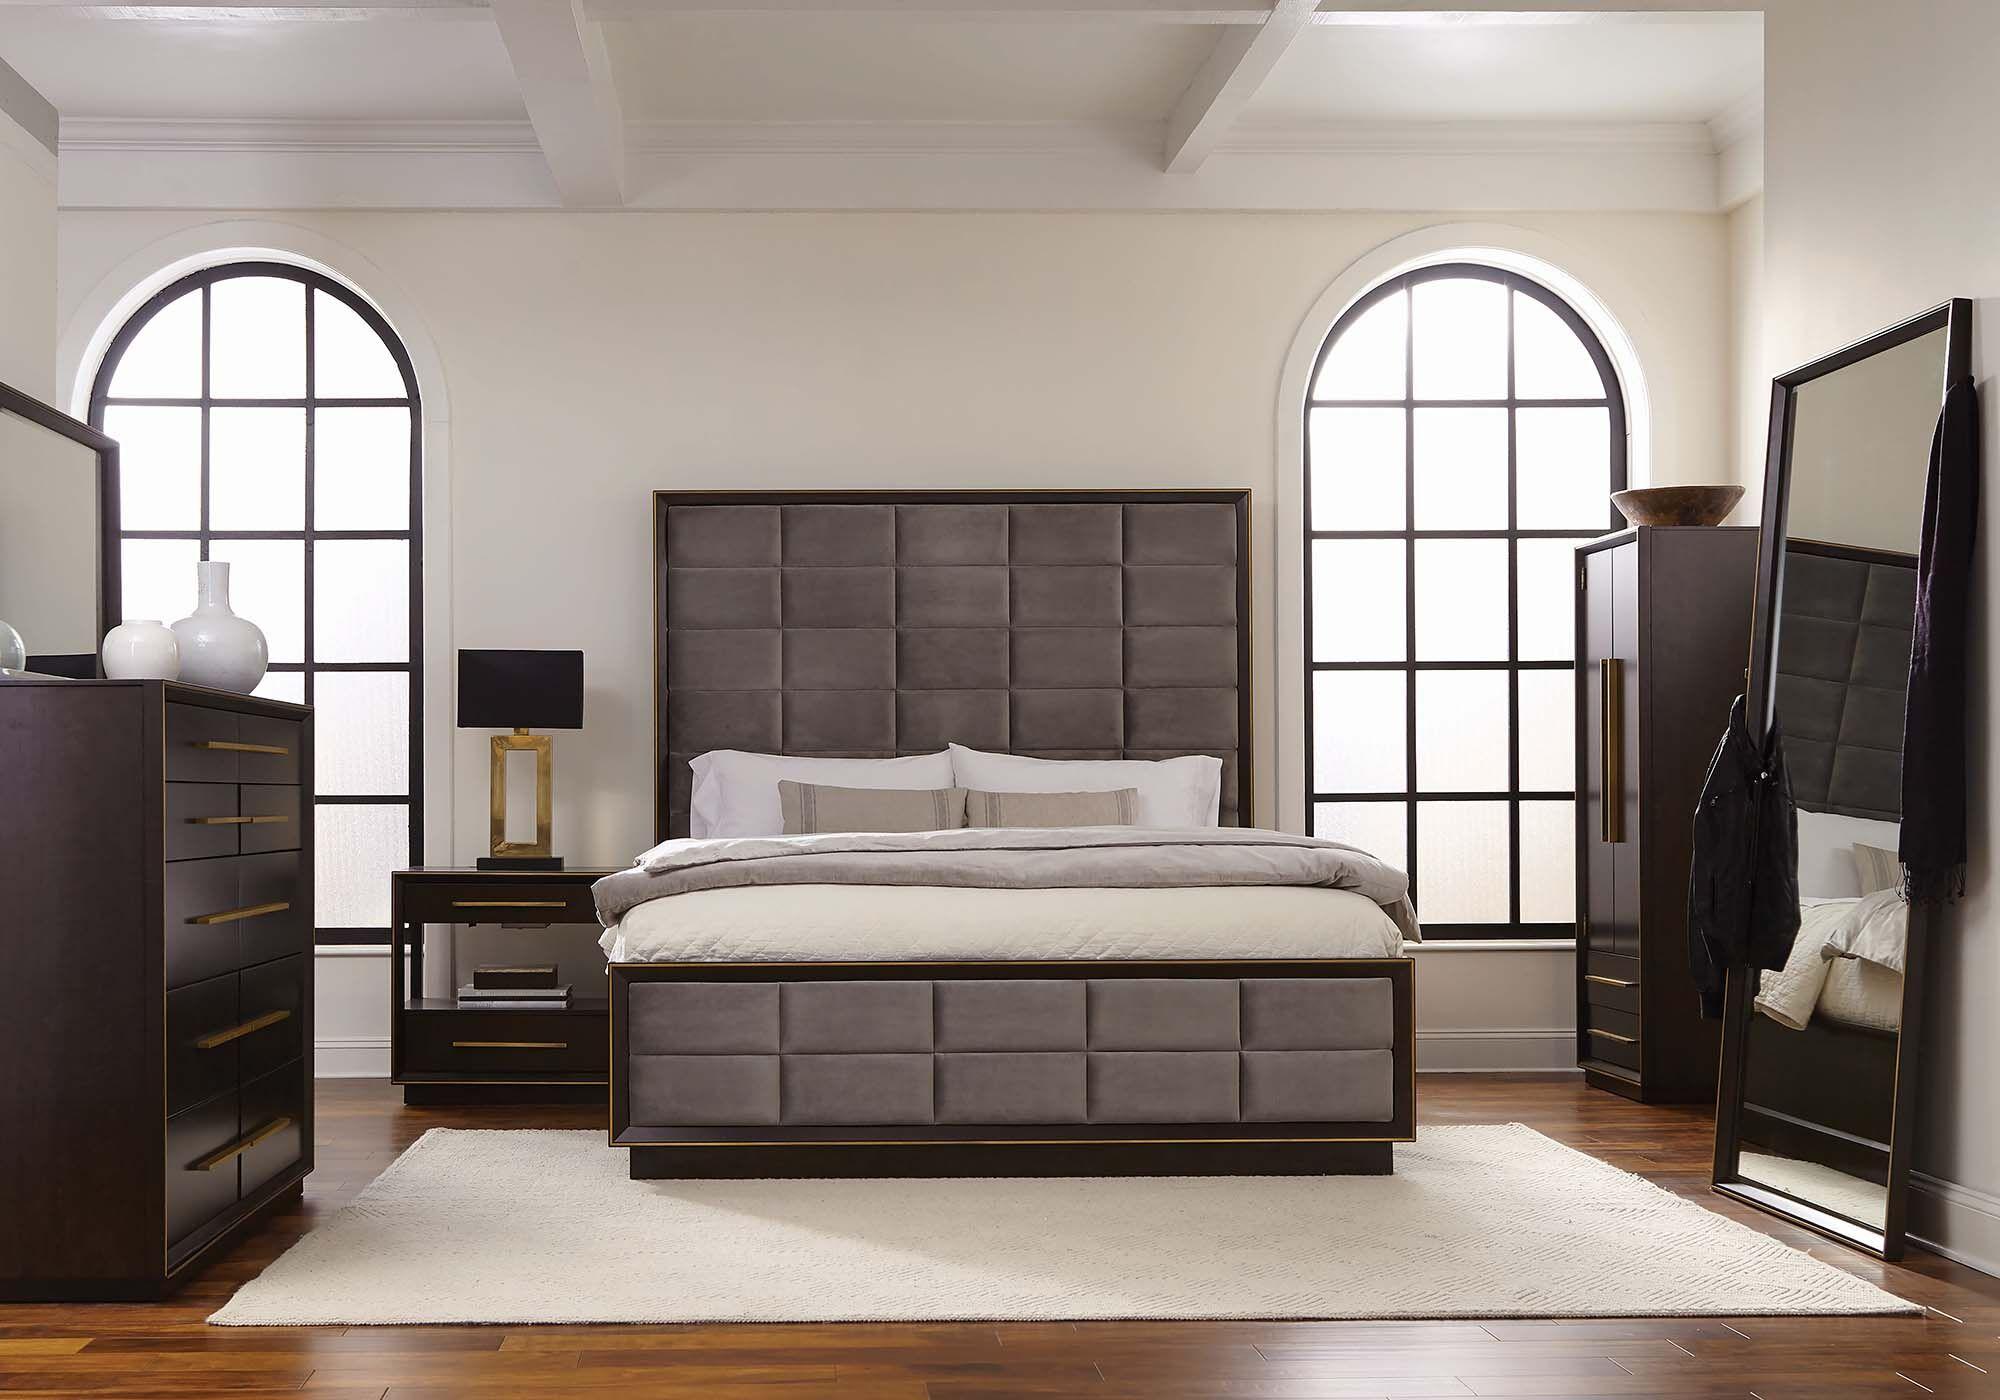 C 215711 queen bed